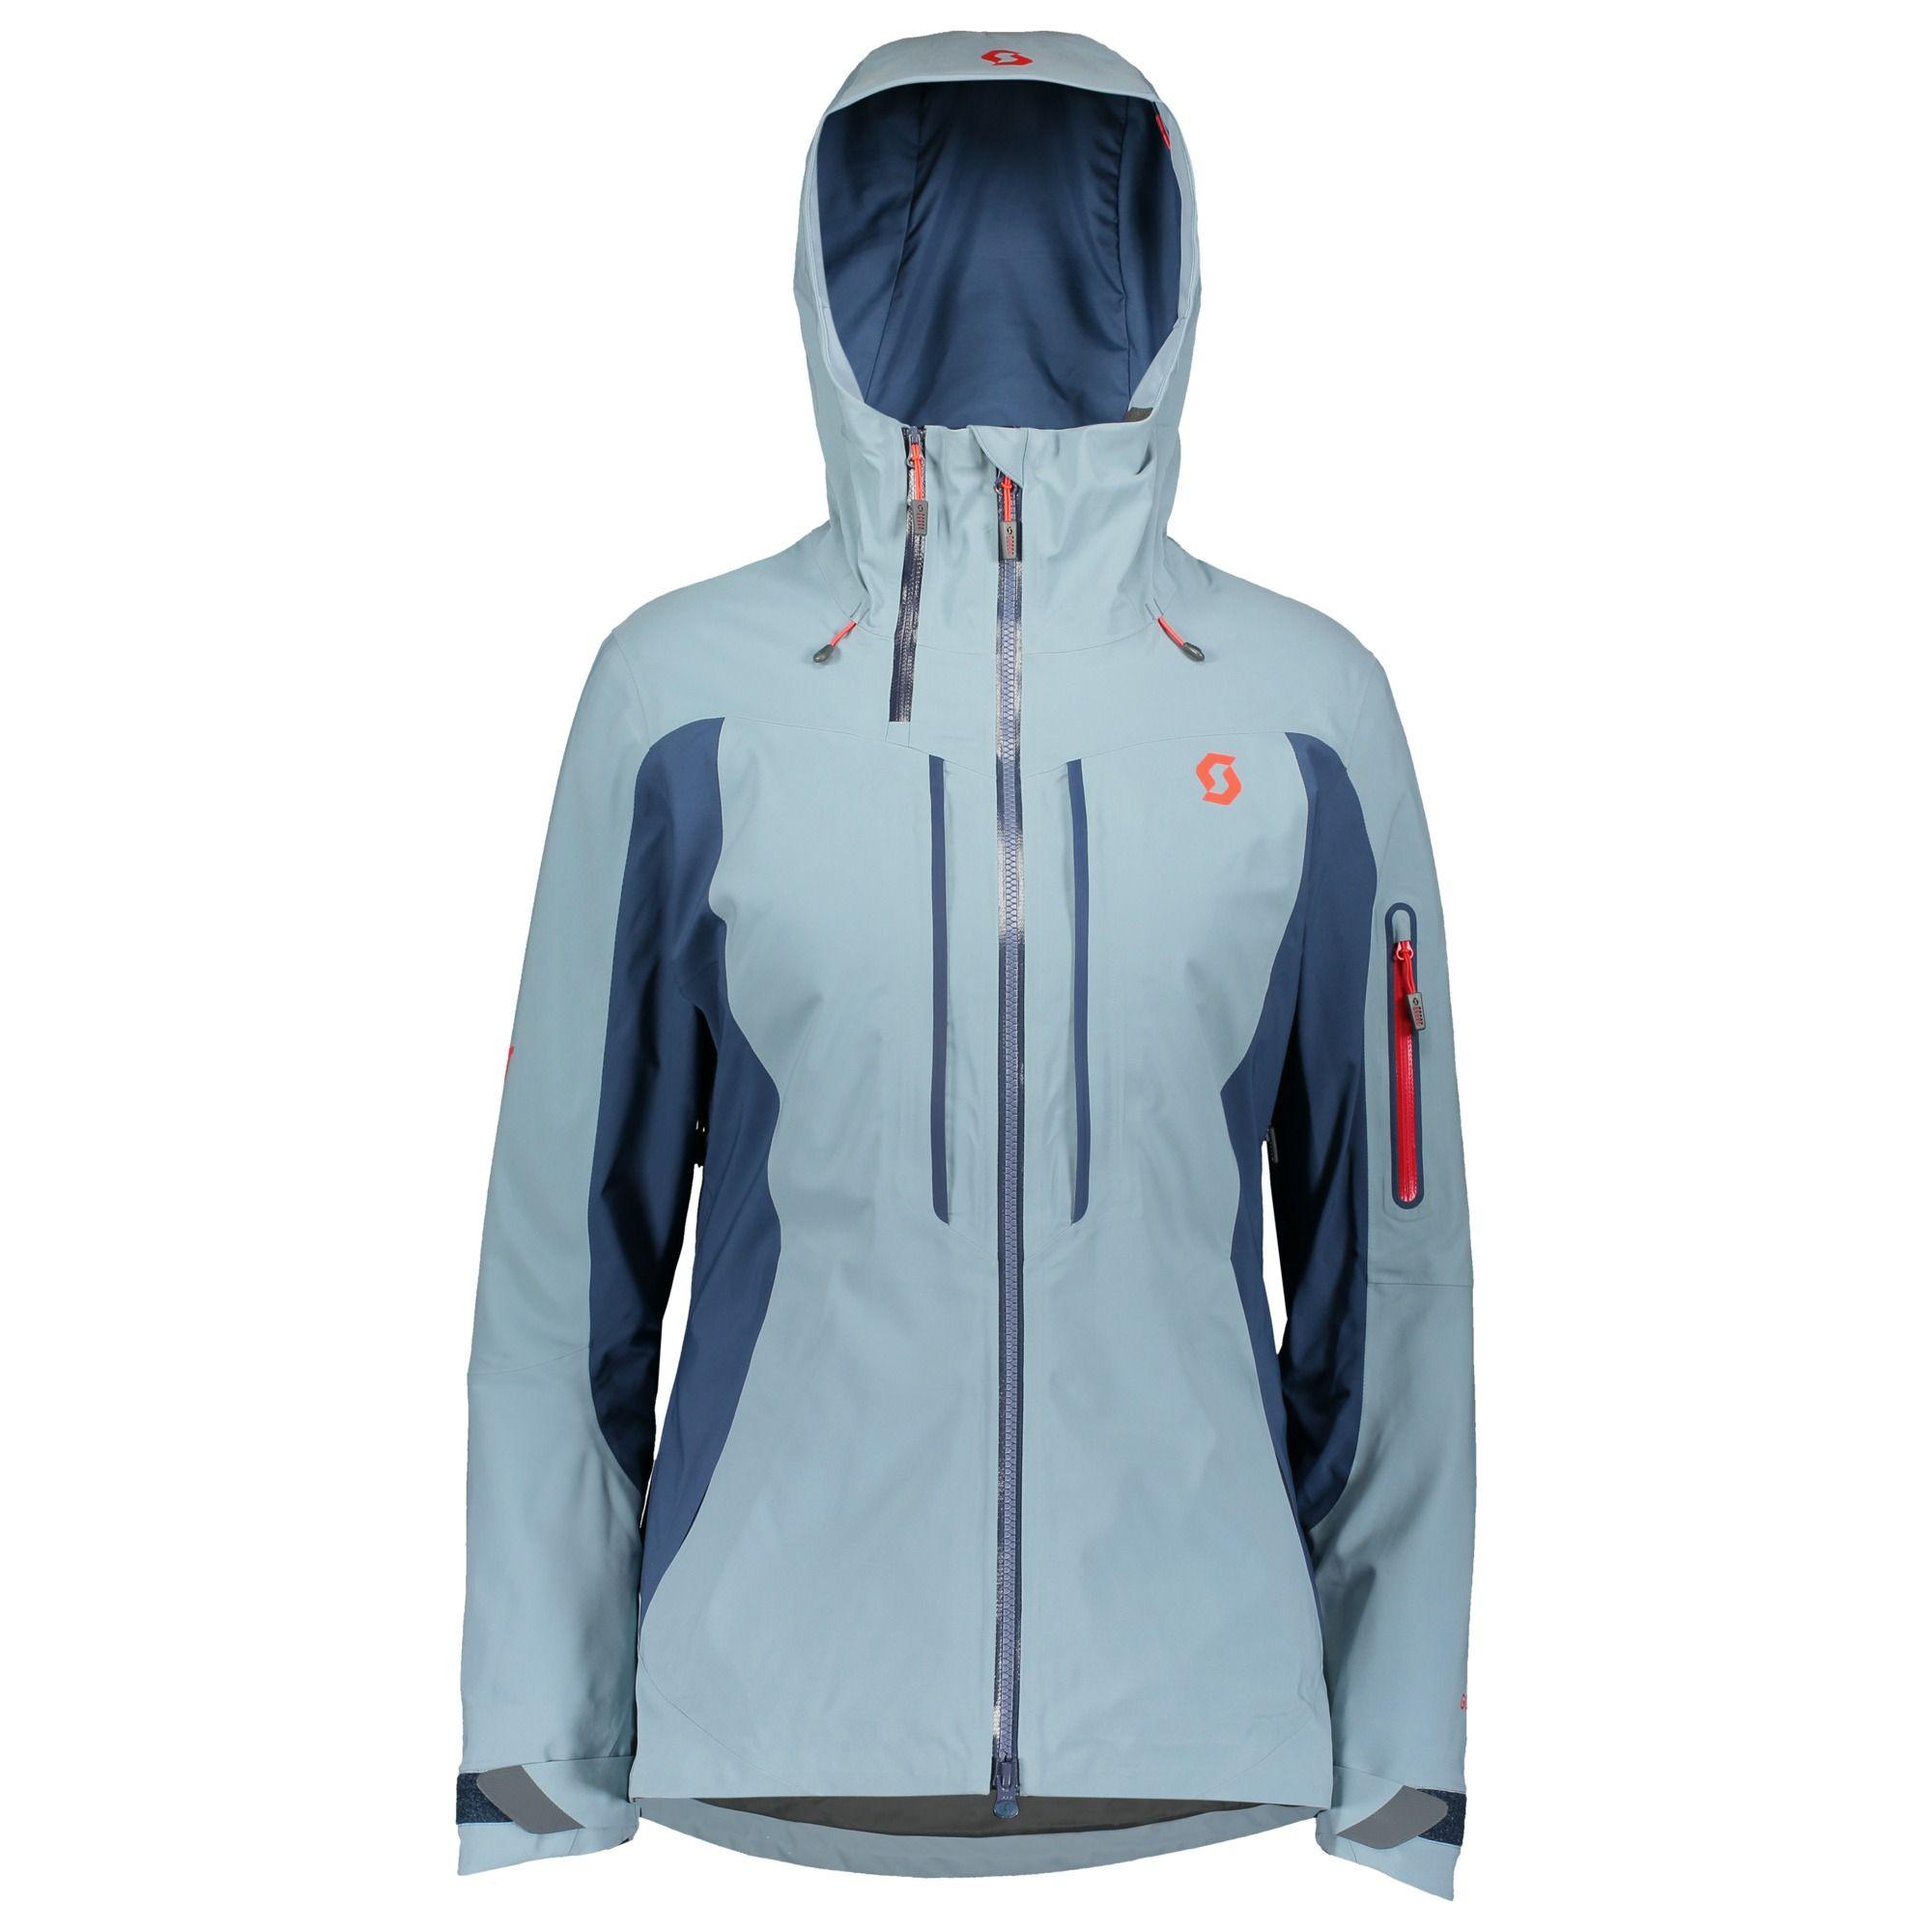 Scott Ultimate Gtx Women S Jacket Jackets For Women Jackets Pants For Women [ 2000 x 2000 Pixel ]